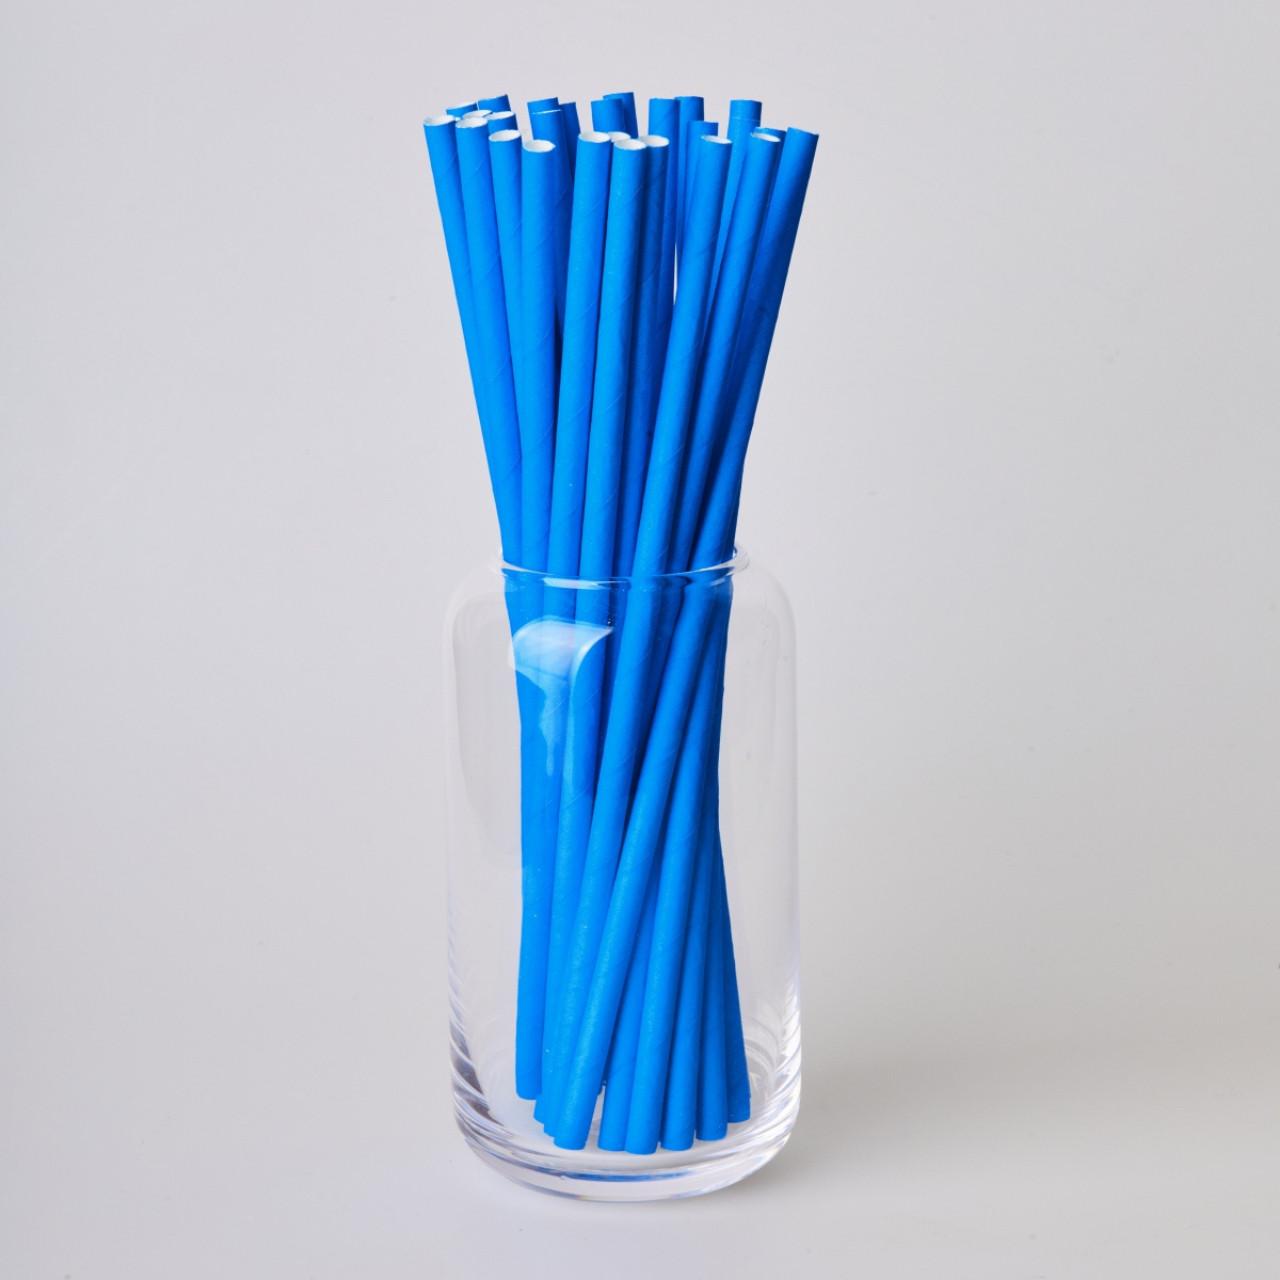 Бумажные трубочки 200 мм (250 шт.) синие